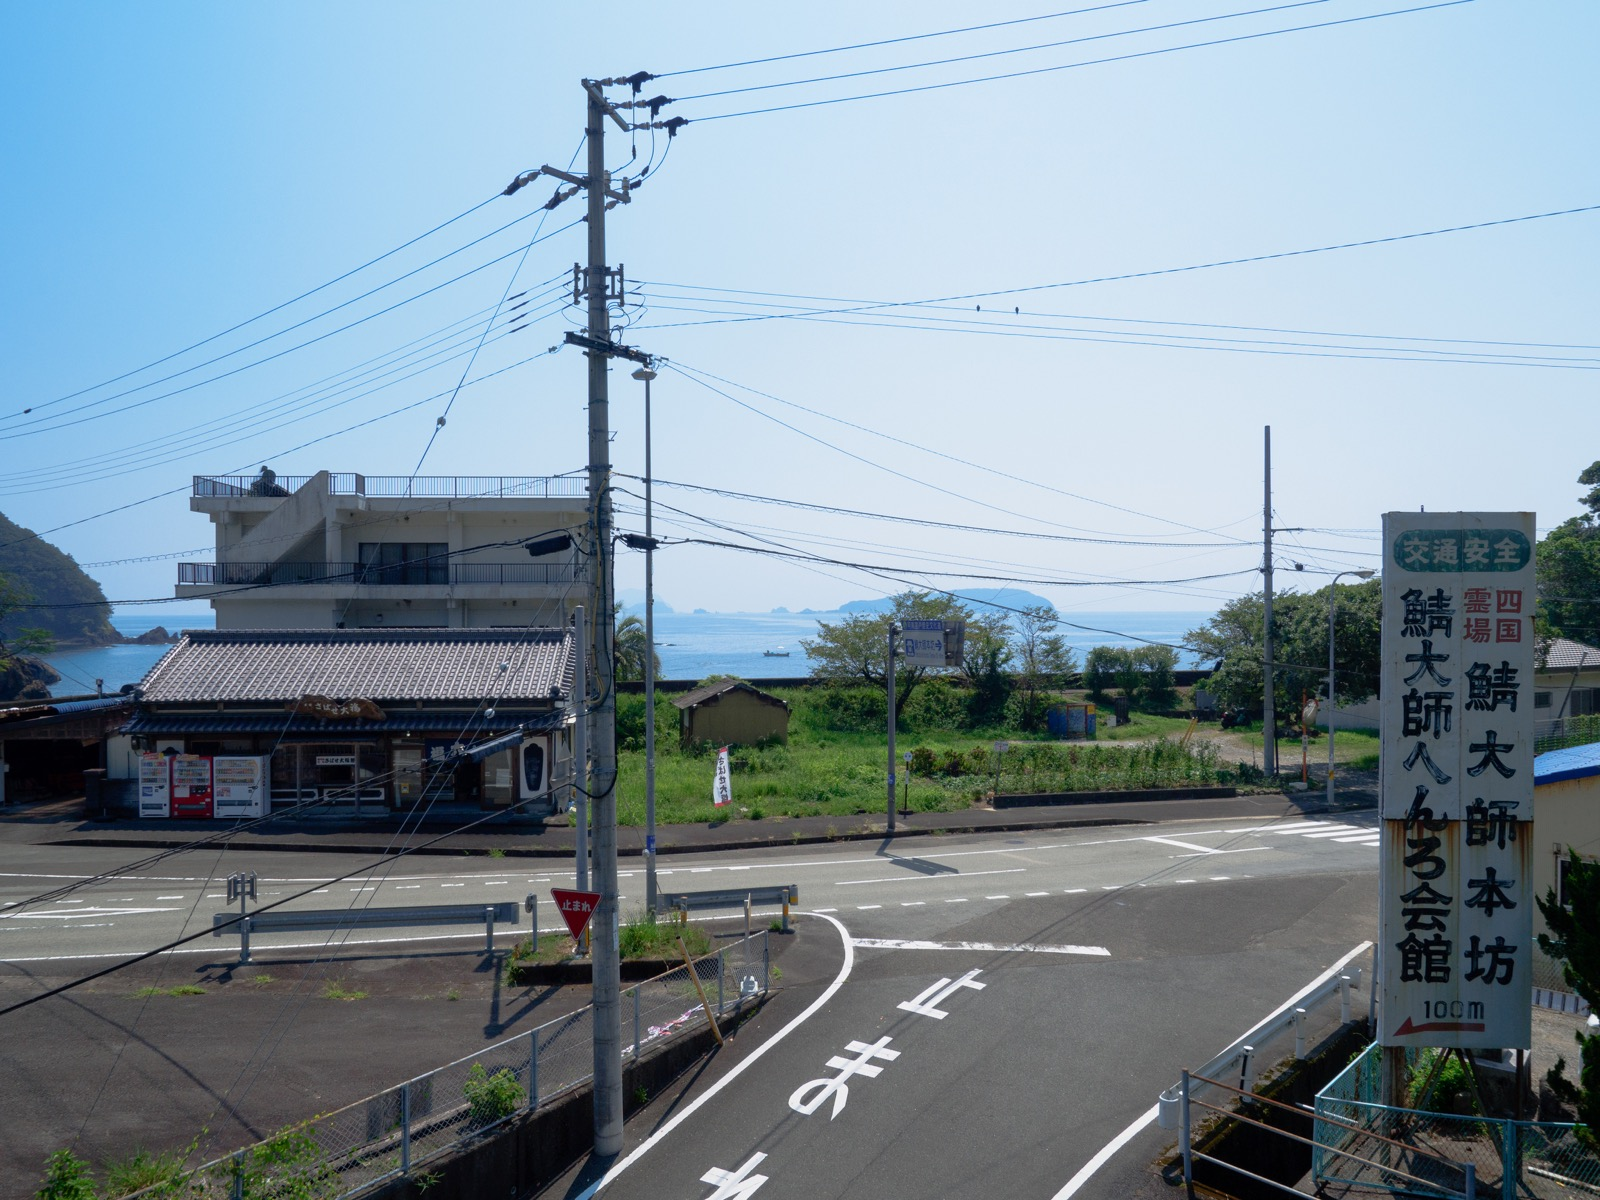 鯖瀬駅のホームから見た太平洋、さばせ大福のお店